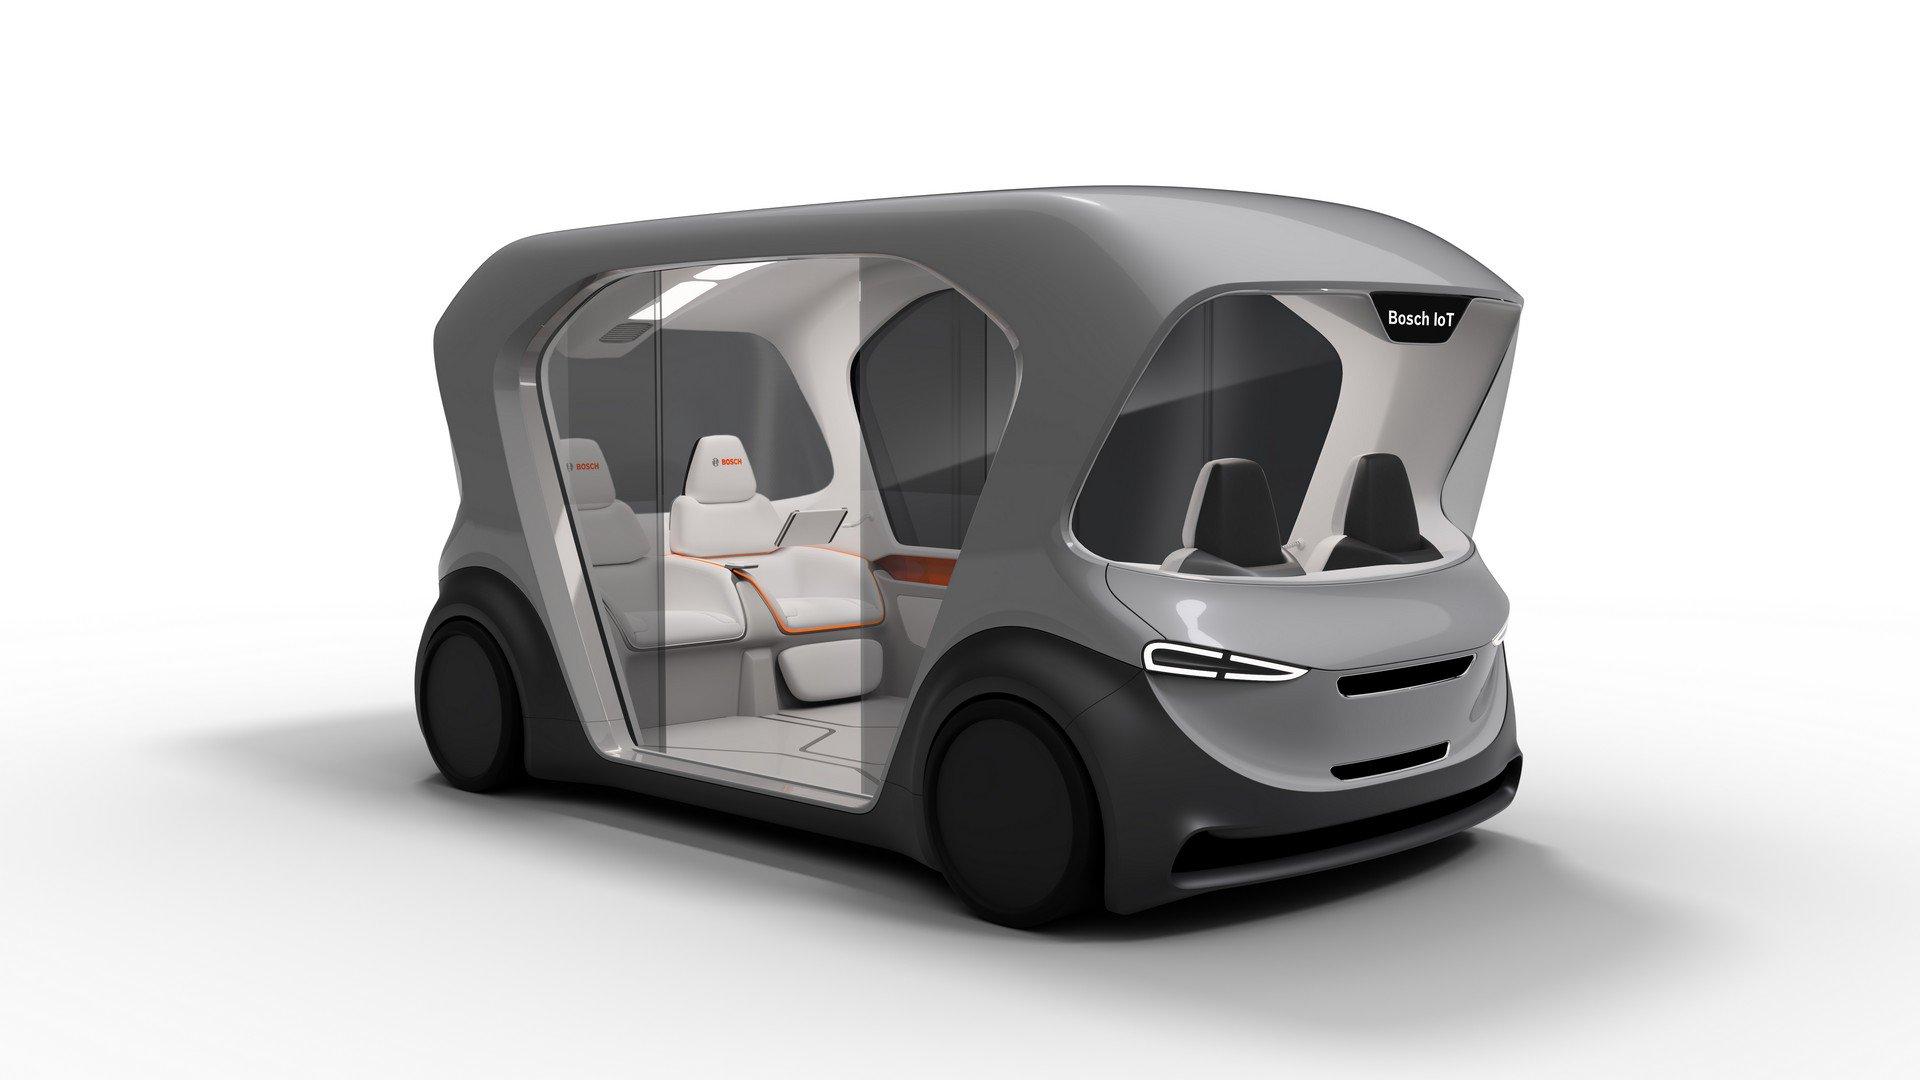 Bosch Autonomousshuttle concept (7)